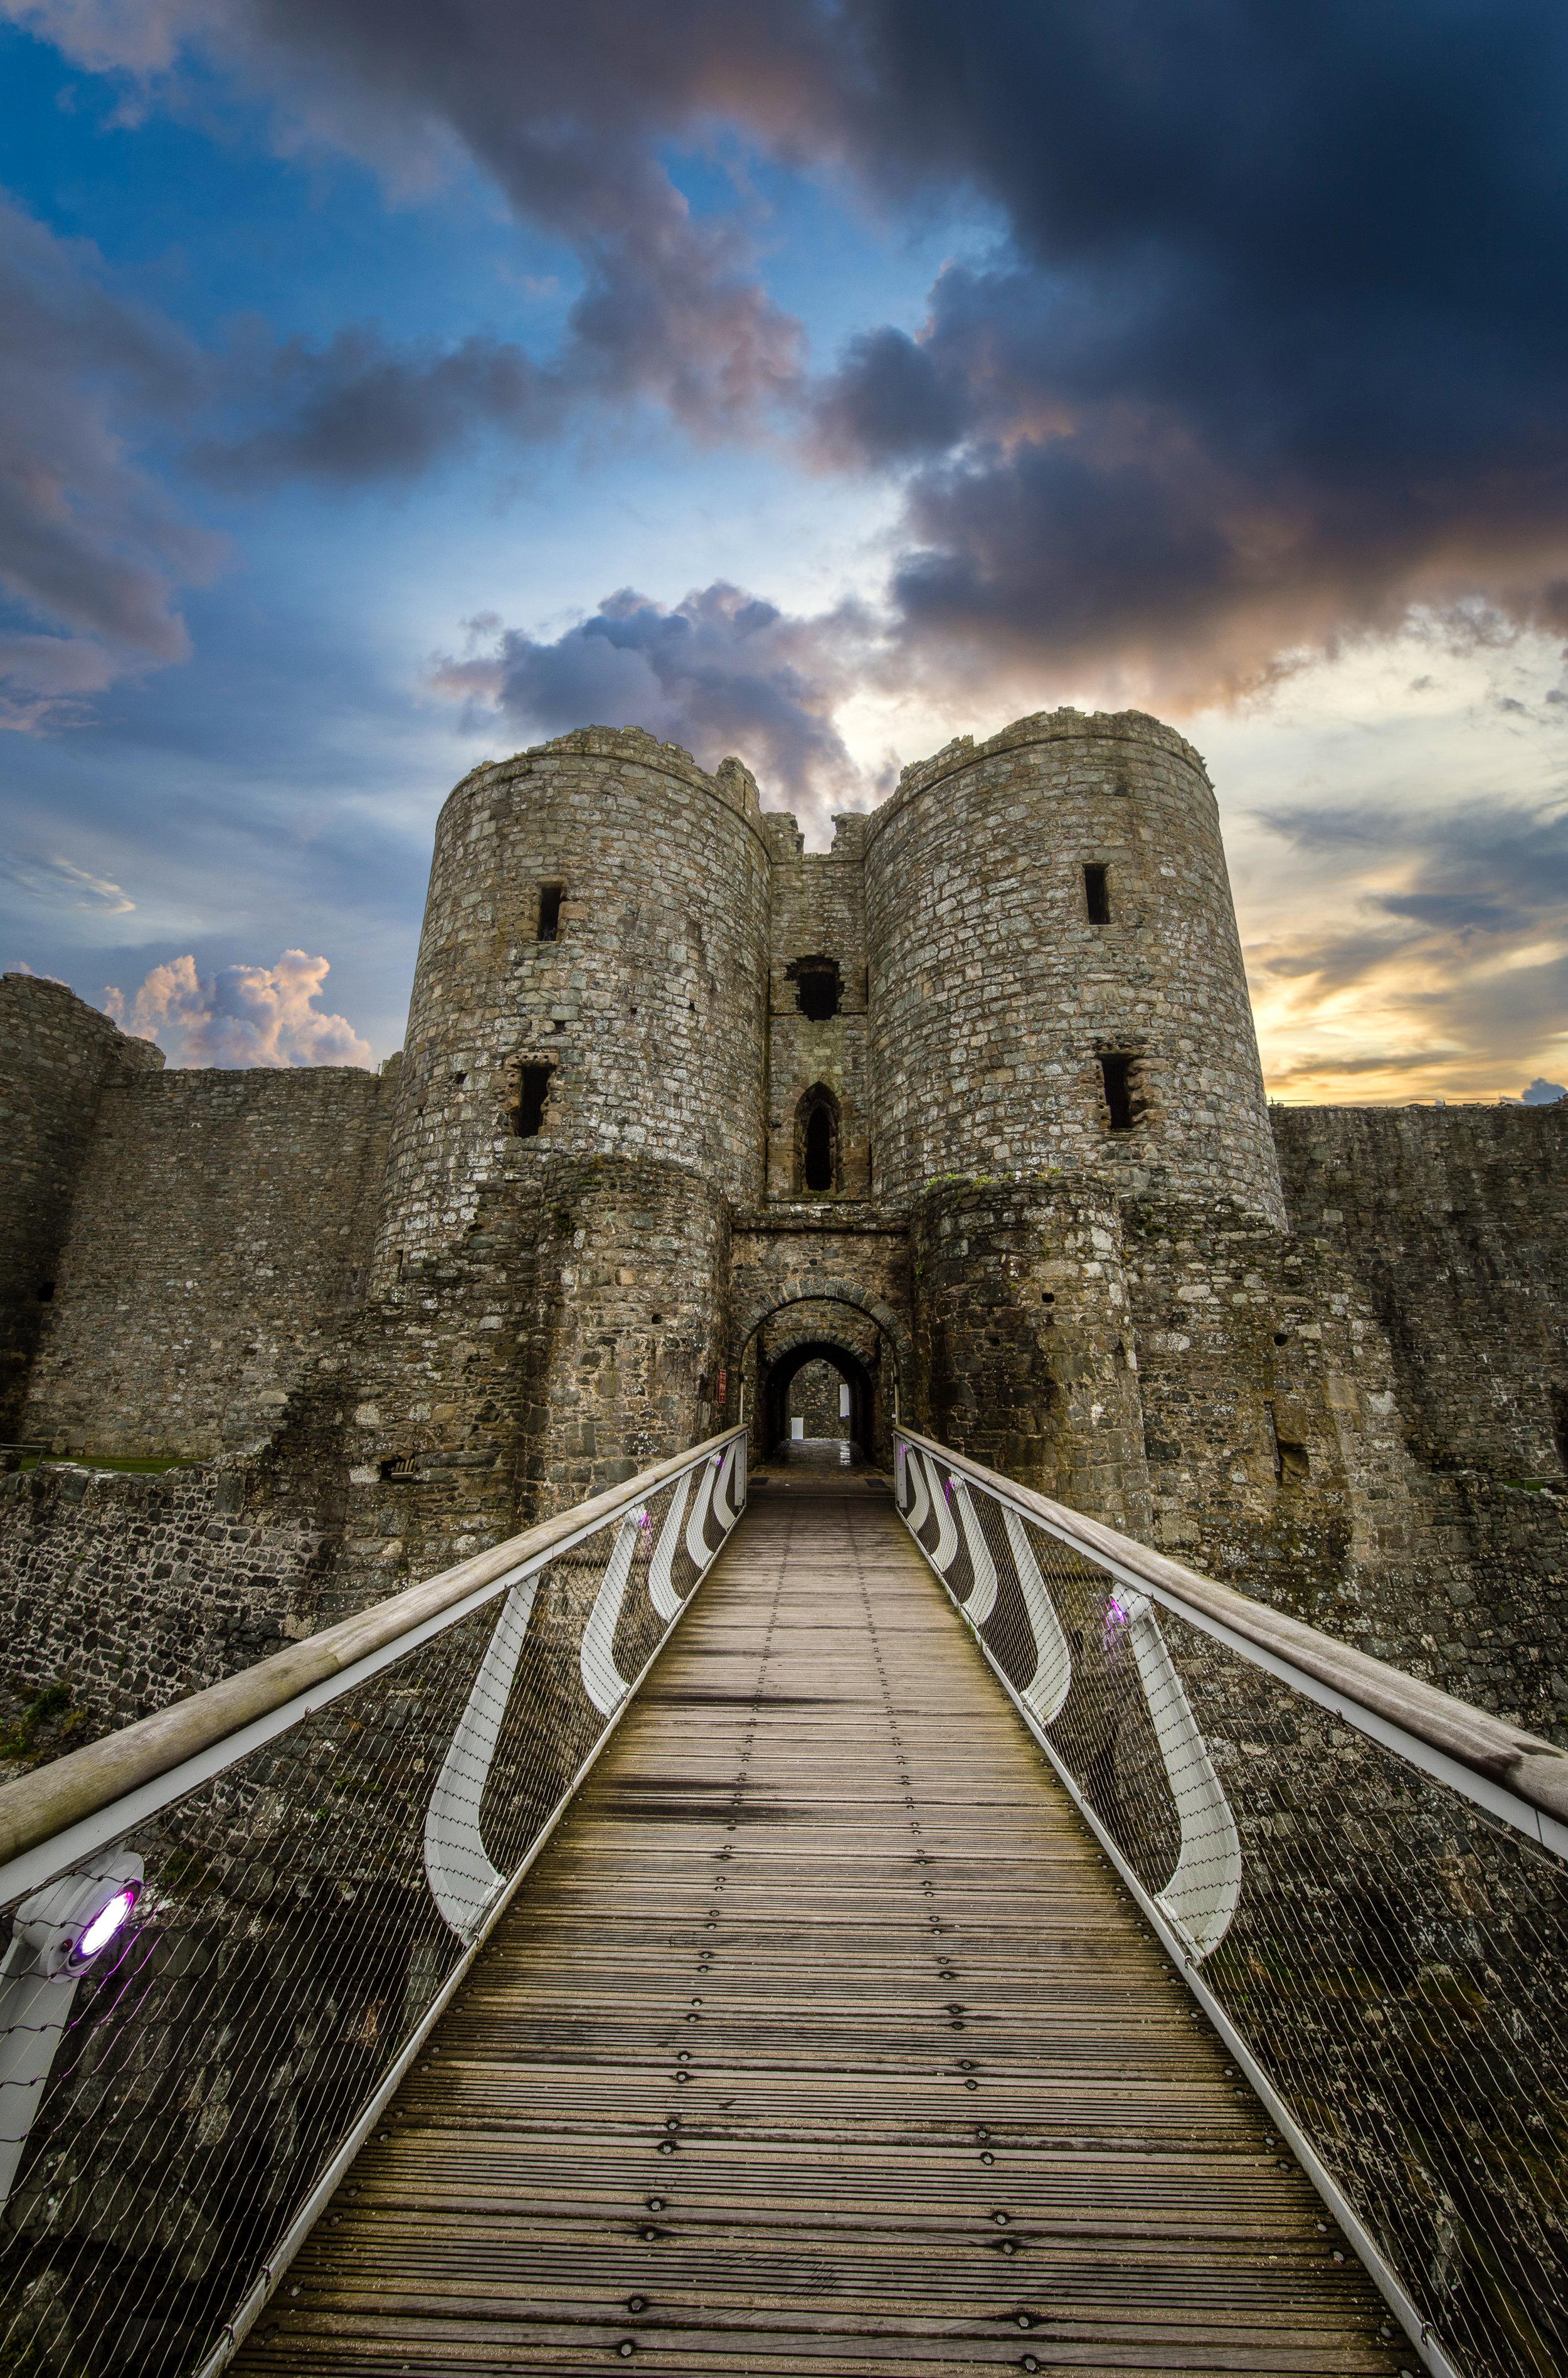 harlech castle entrance ©jennifer bailey 2018